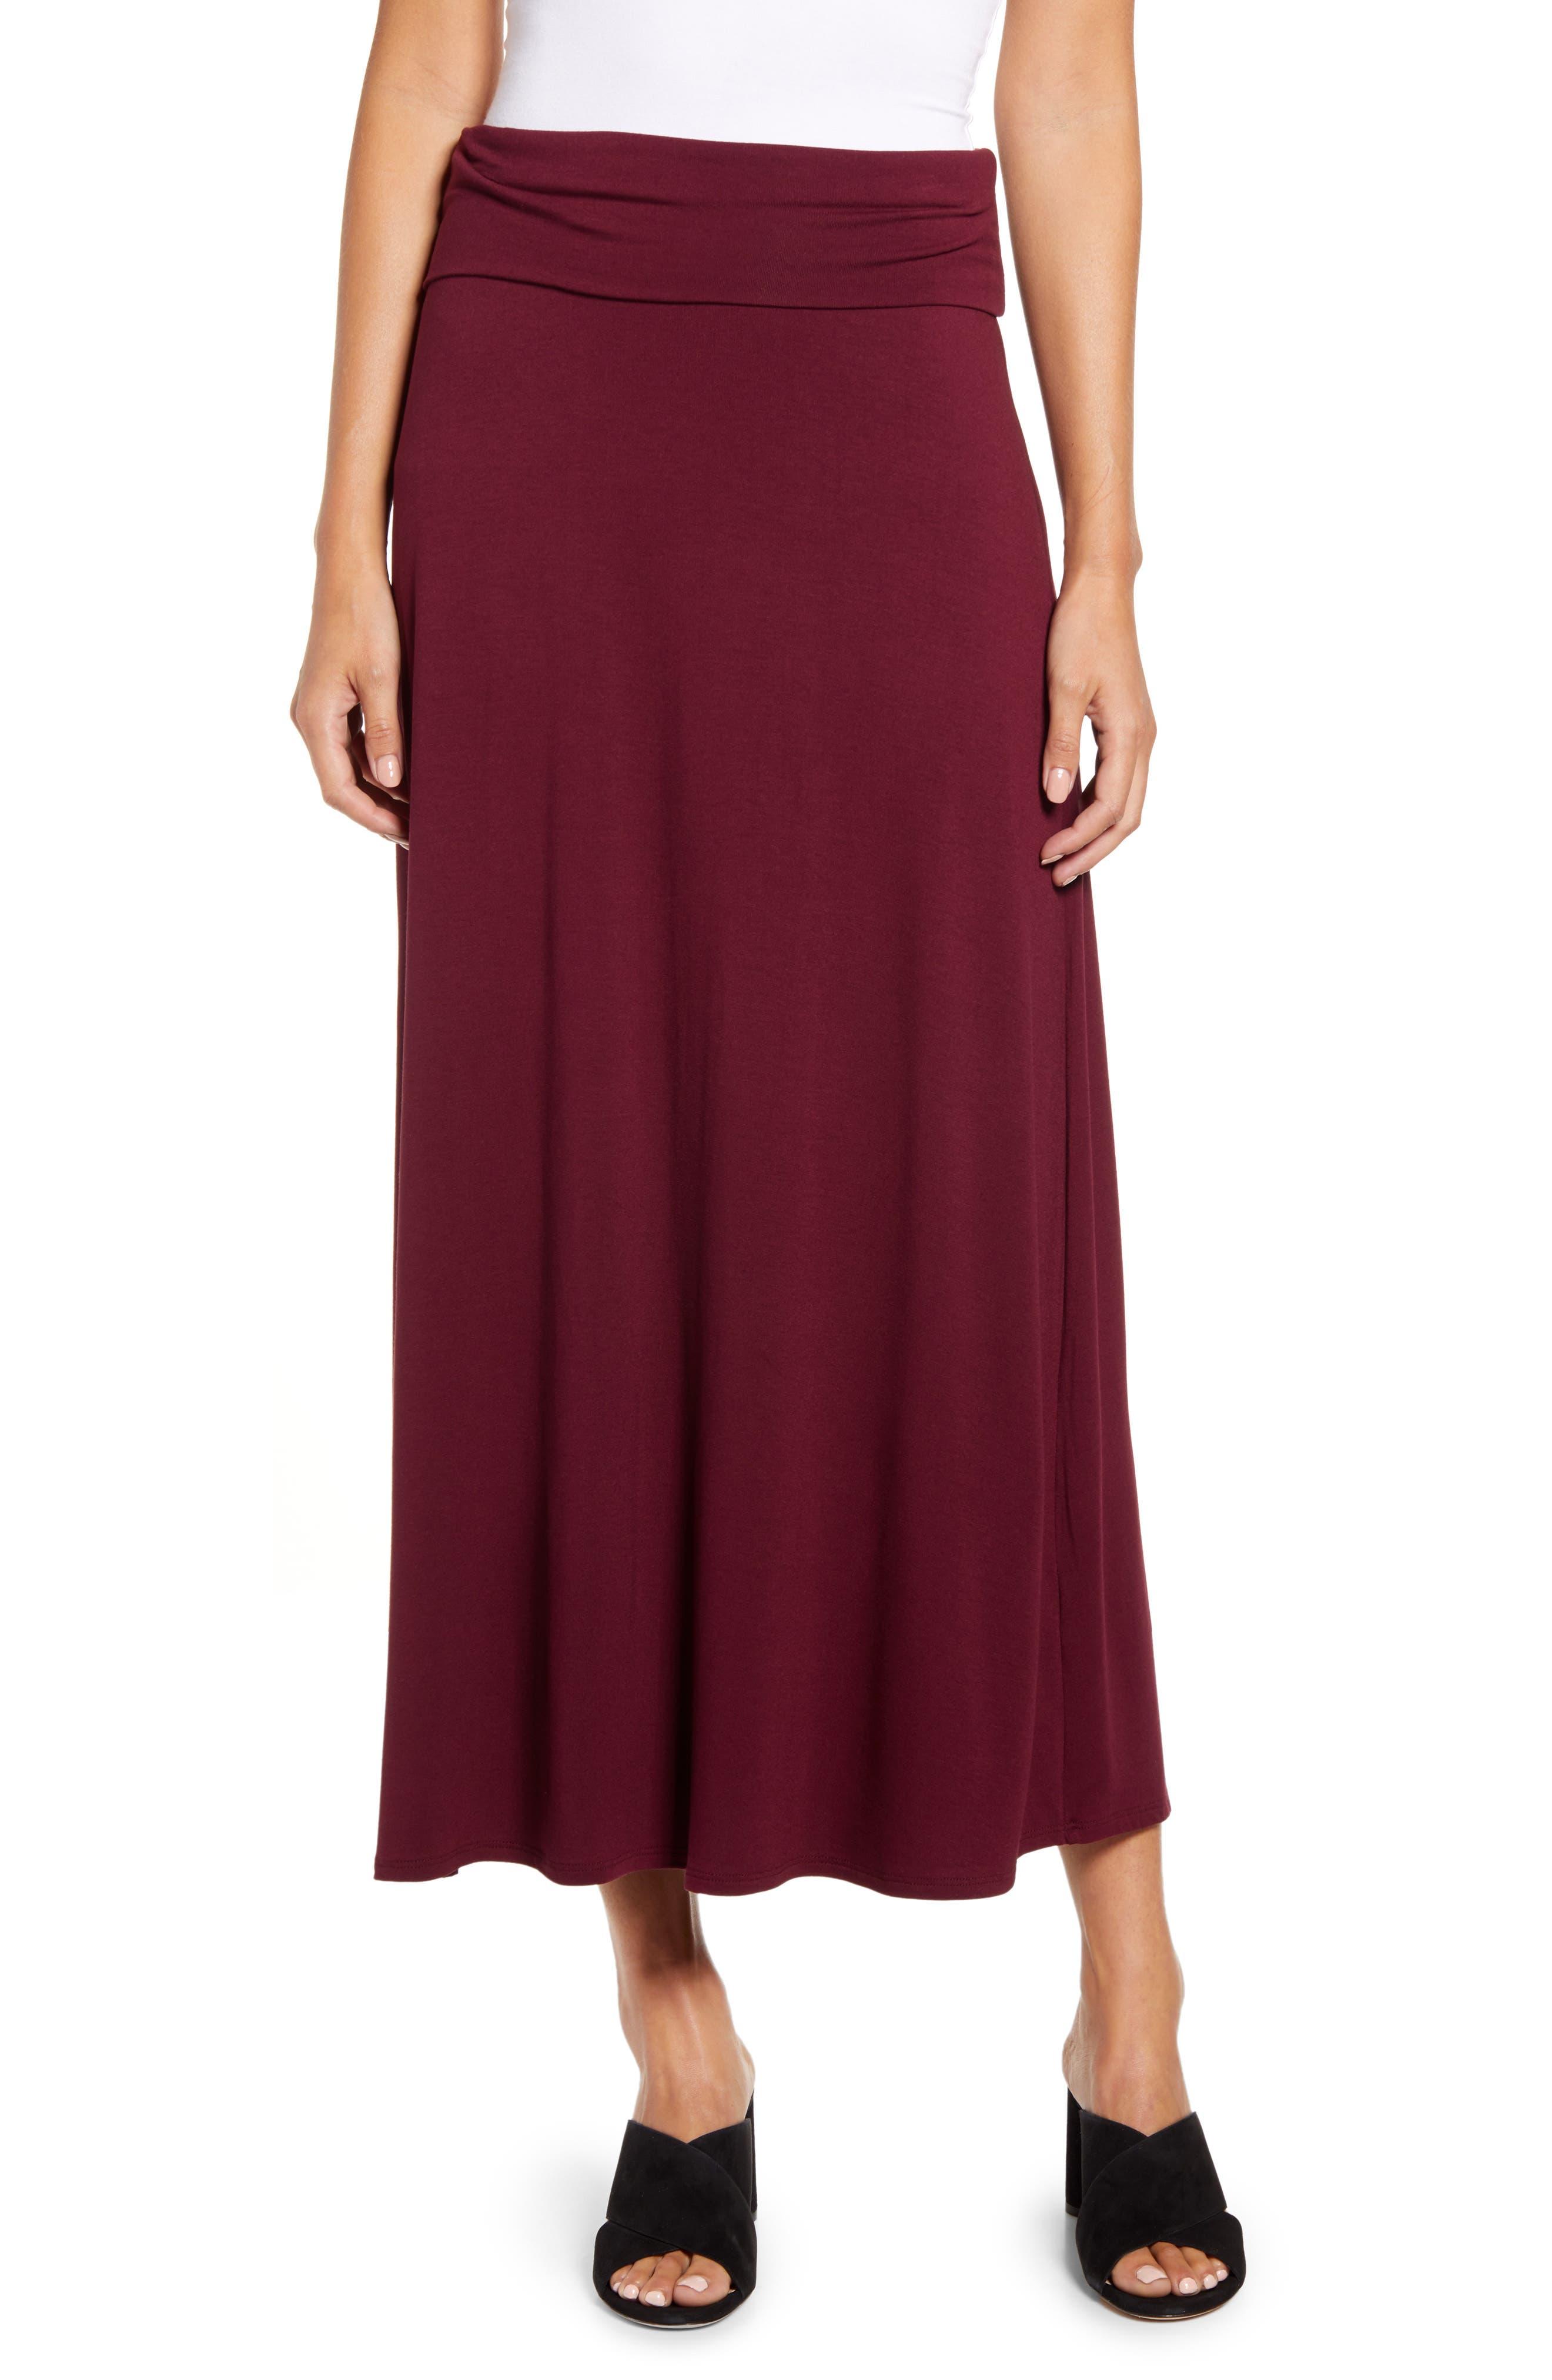 Roll Top Maxi Skirt